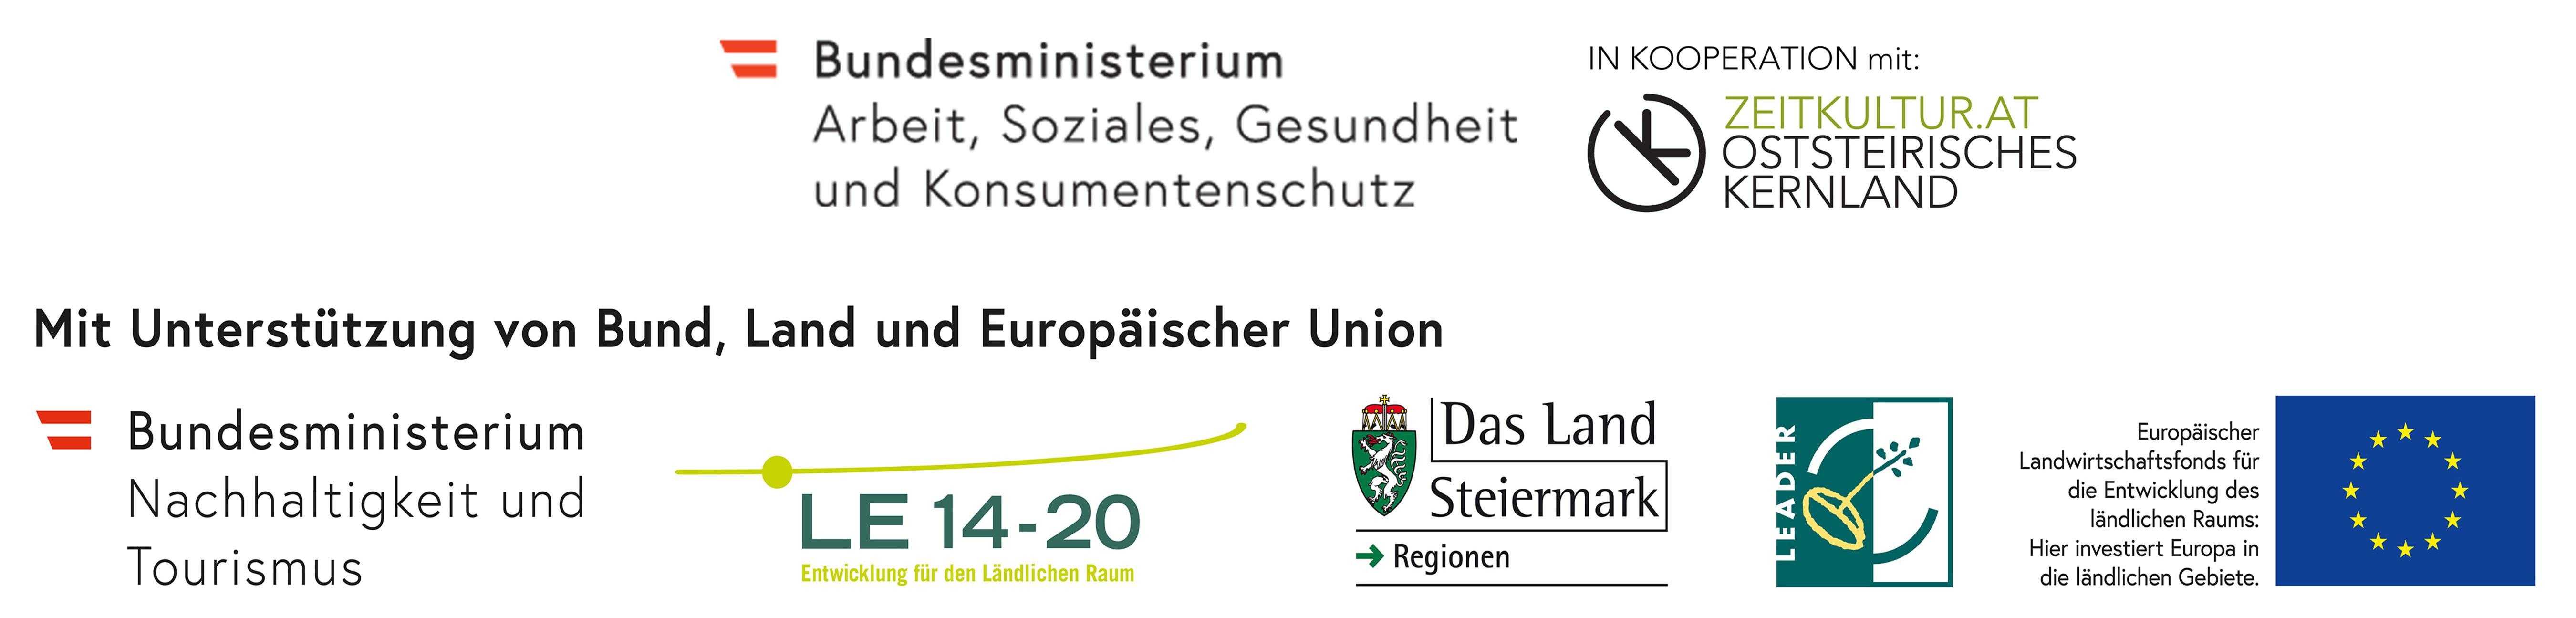 Mit Unterstützung von Bund, Land und Europäischer Union (LEADER)